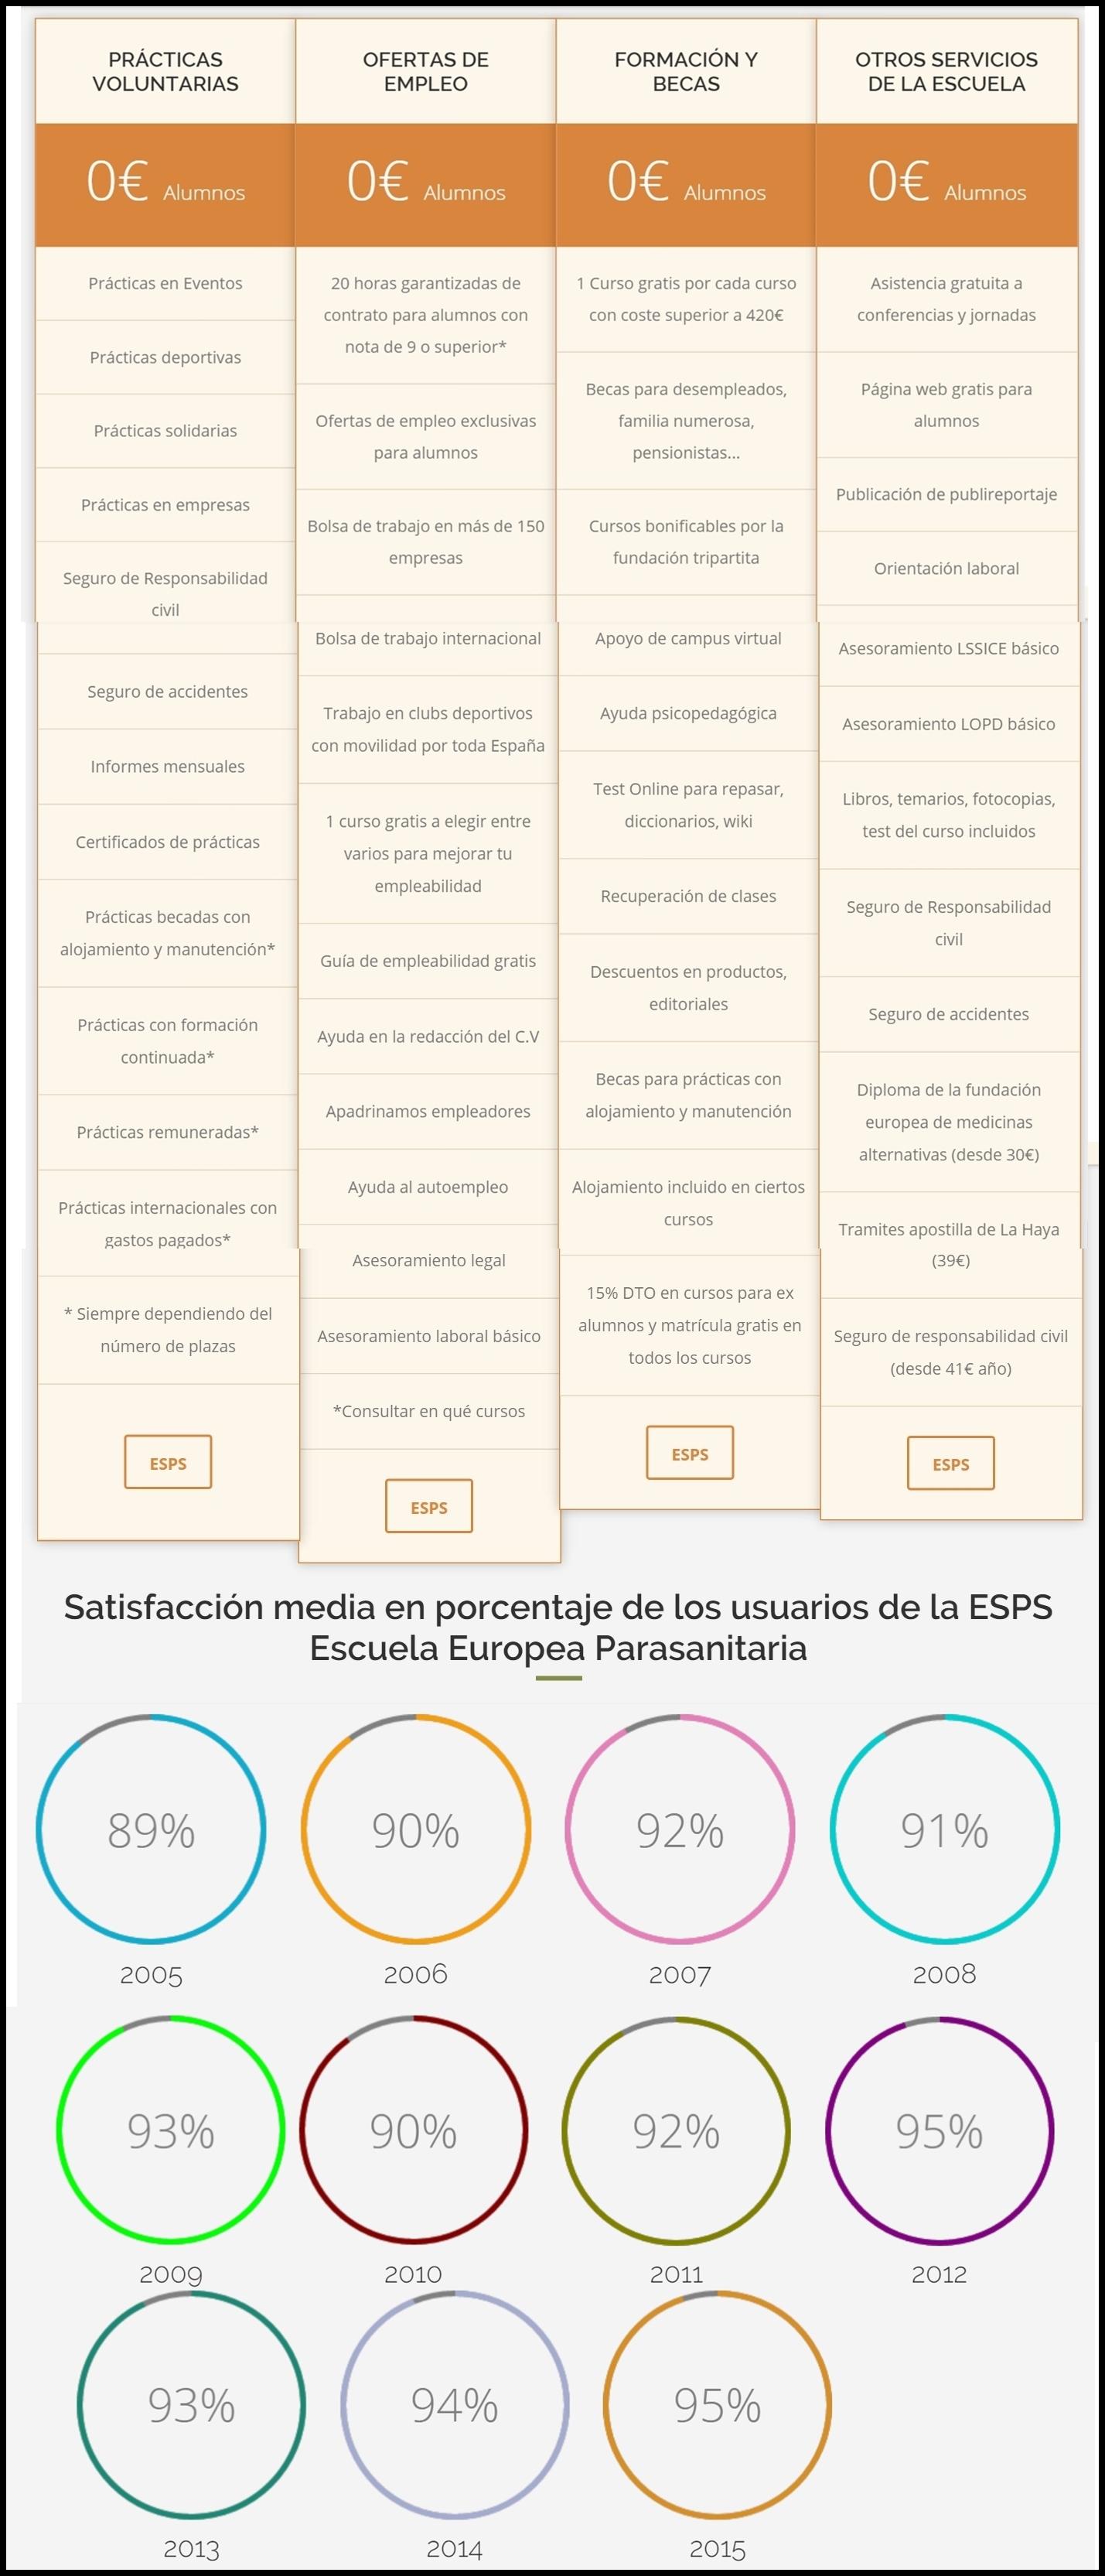 SERVICIOS Y CALIDAD de la escuela europea parasanitaria ESPS. Cursos en Coruña